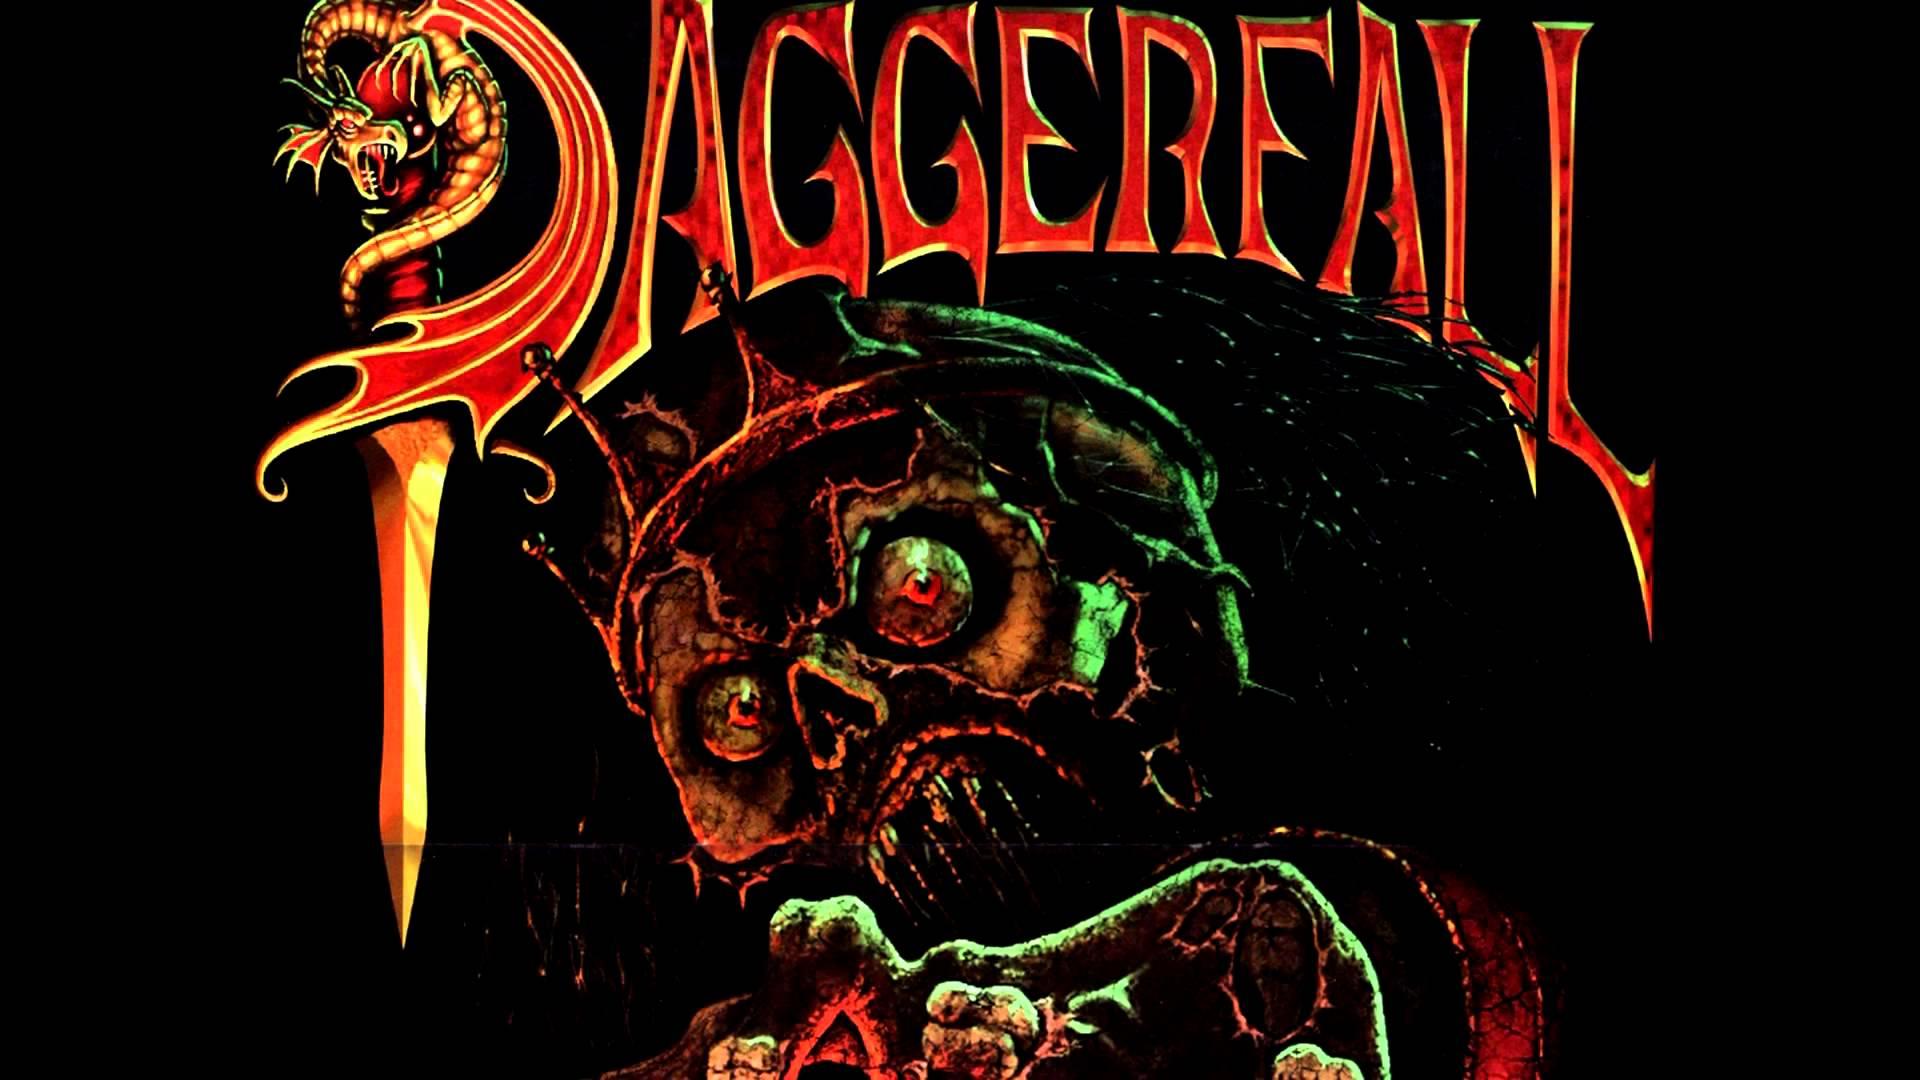 The Elder Scrolls II: Daggerfall HD Wallpaper | Background ...